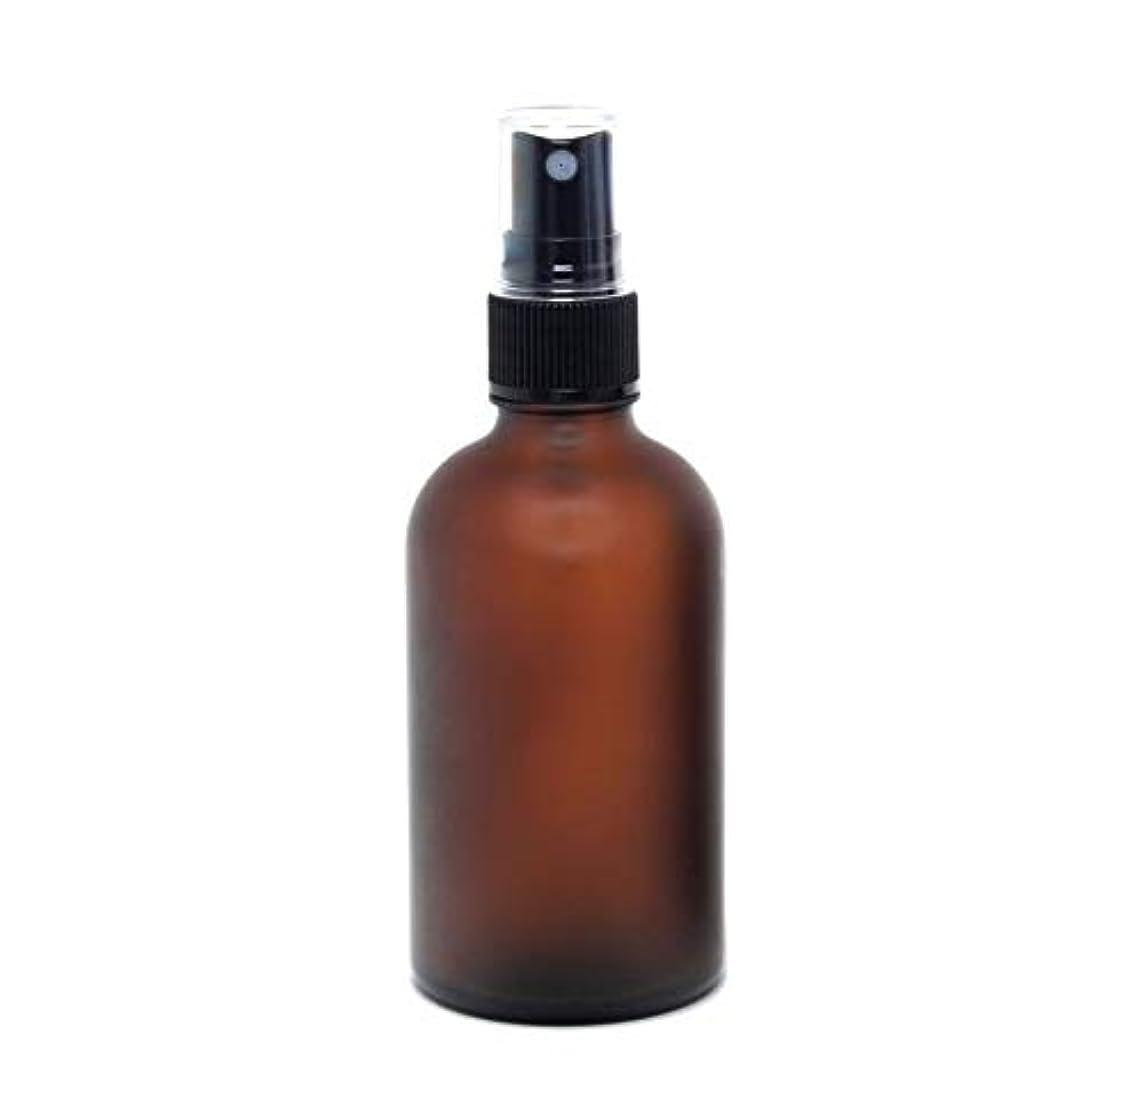 混乱させる古くなった大理石遮光瓶 蓄圧式ミストのスプレーボトル 100ml / アンバー?フロスト(つや消し)(硝子/アトマイザー)ブラックヘッド 1本